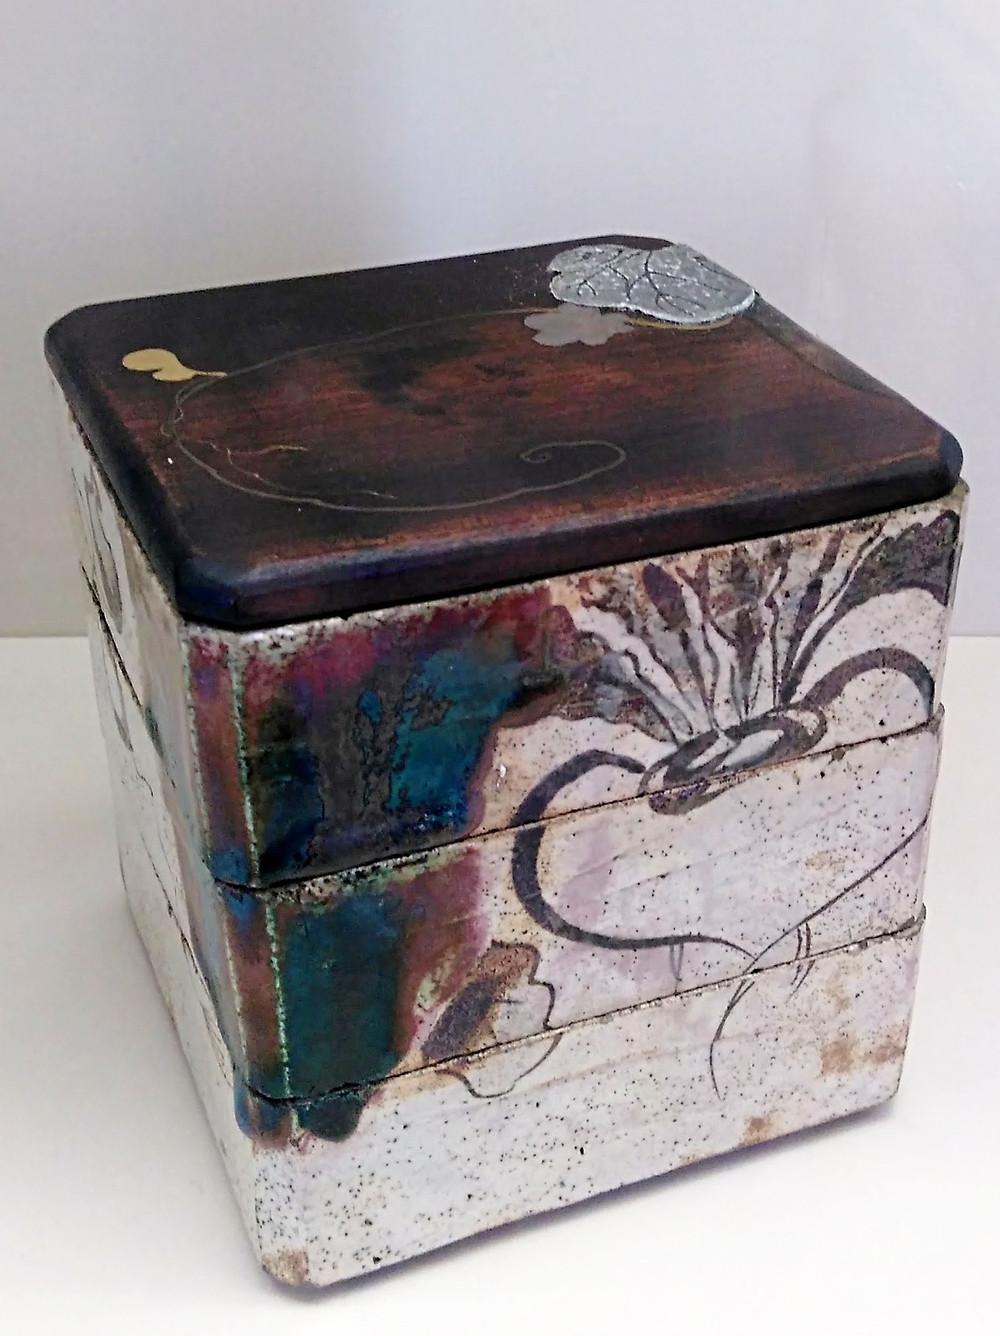 Oribeware food container c. 1800